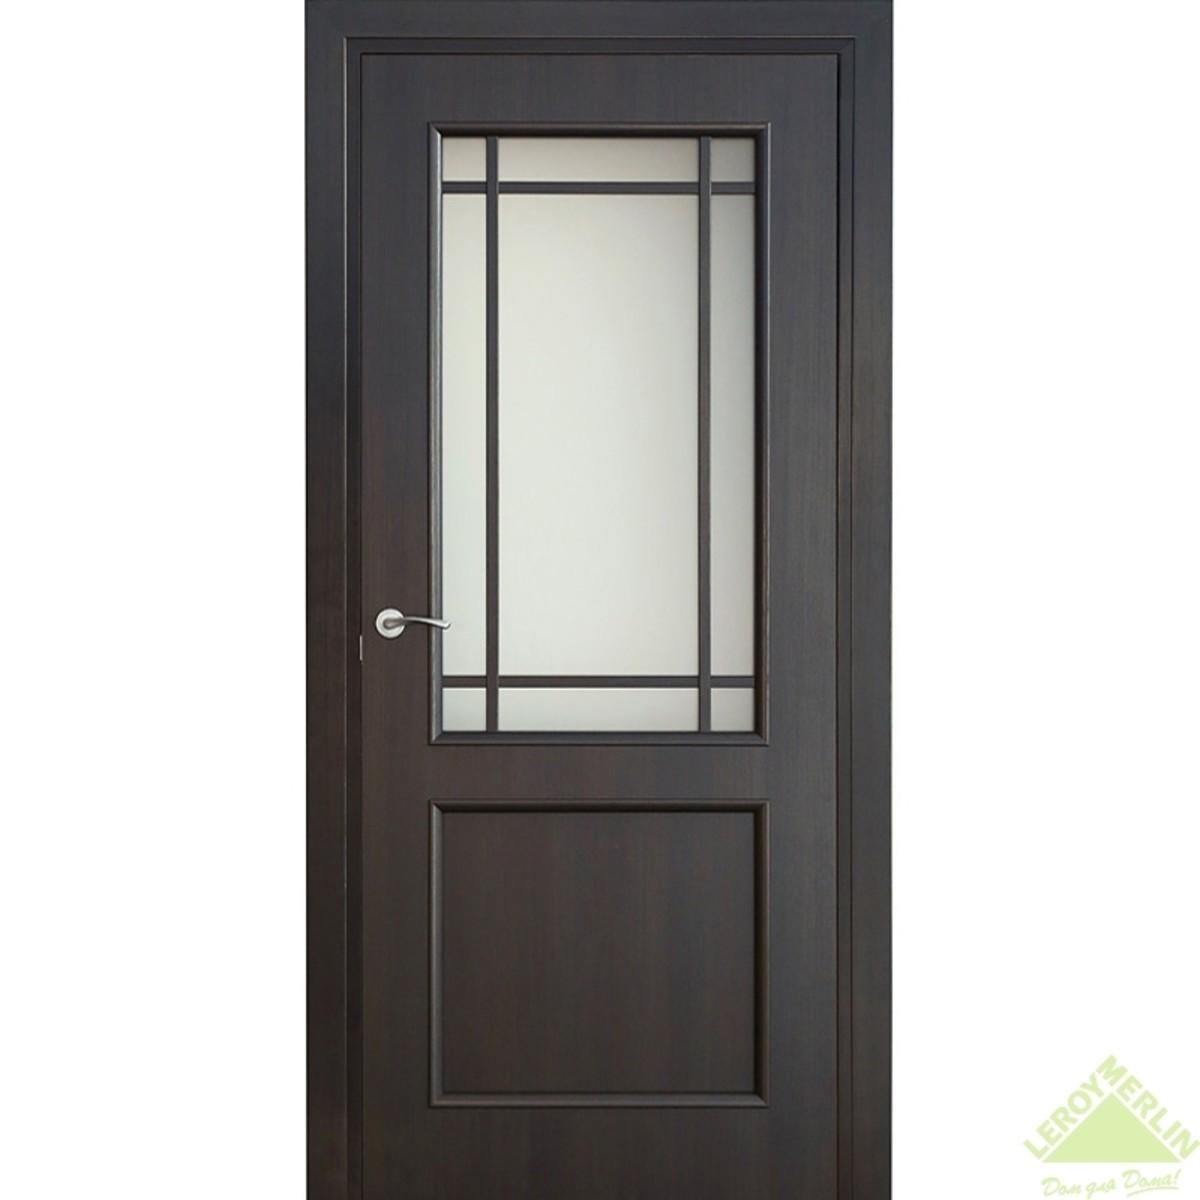 Дверь Межкомнатная Остеклённая Фортунато 819 700x2000 Венге